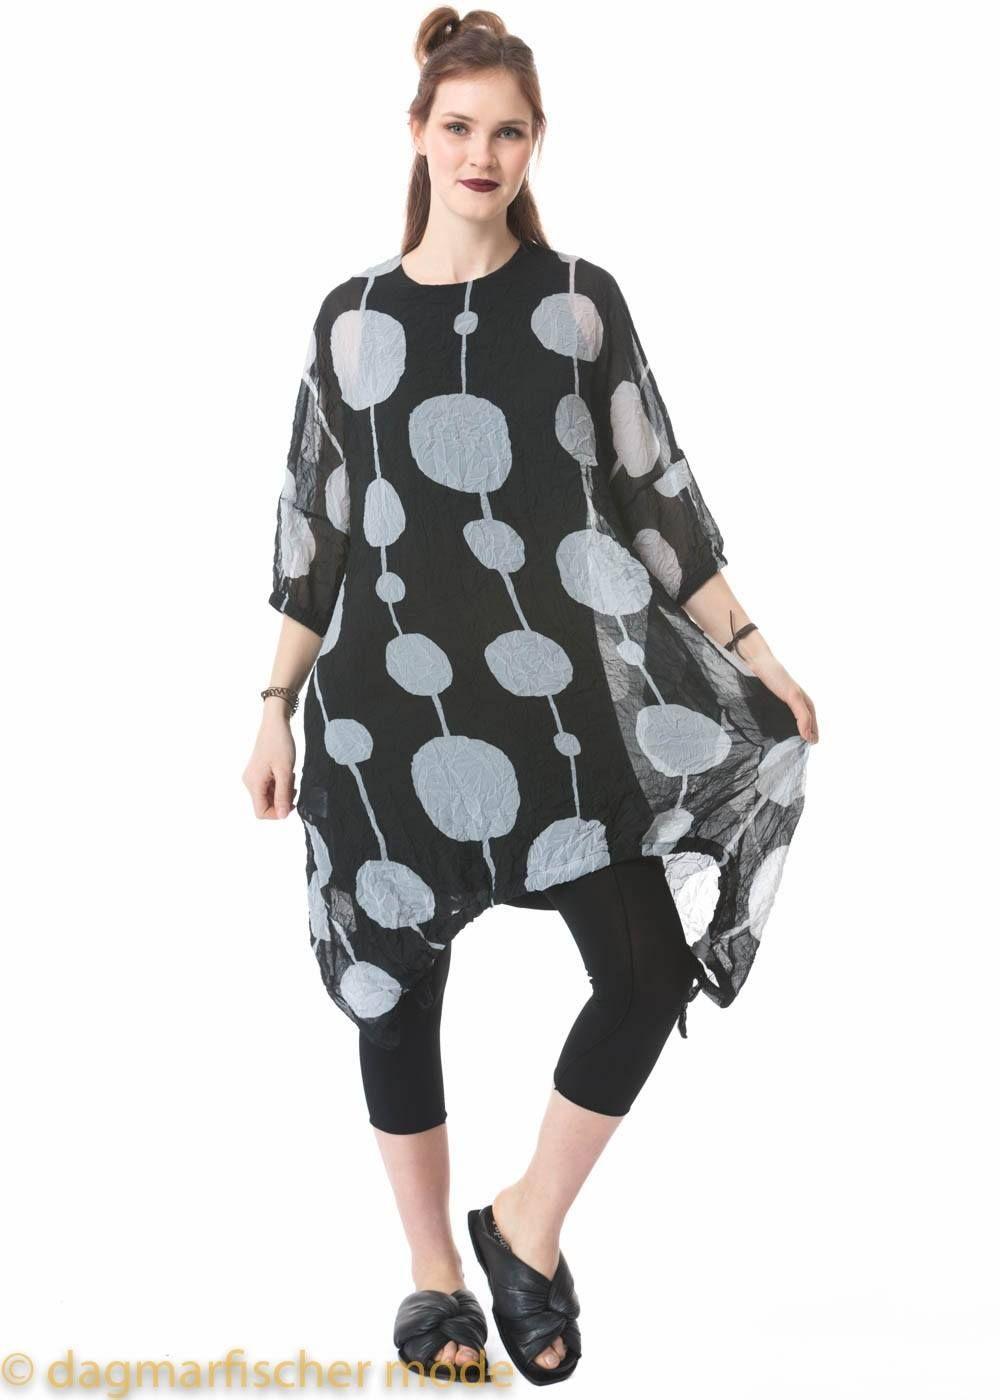 Kleid Lotus von GERSHON BRAM - dagmarfischer mode ...